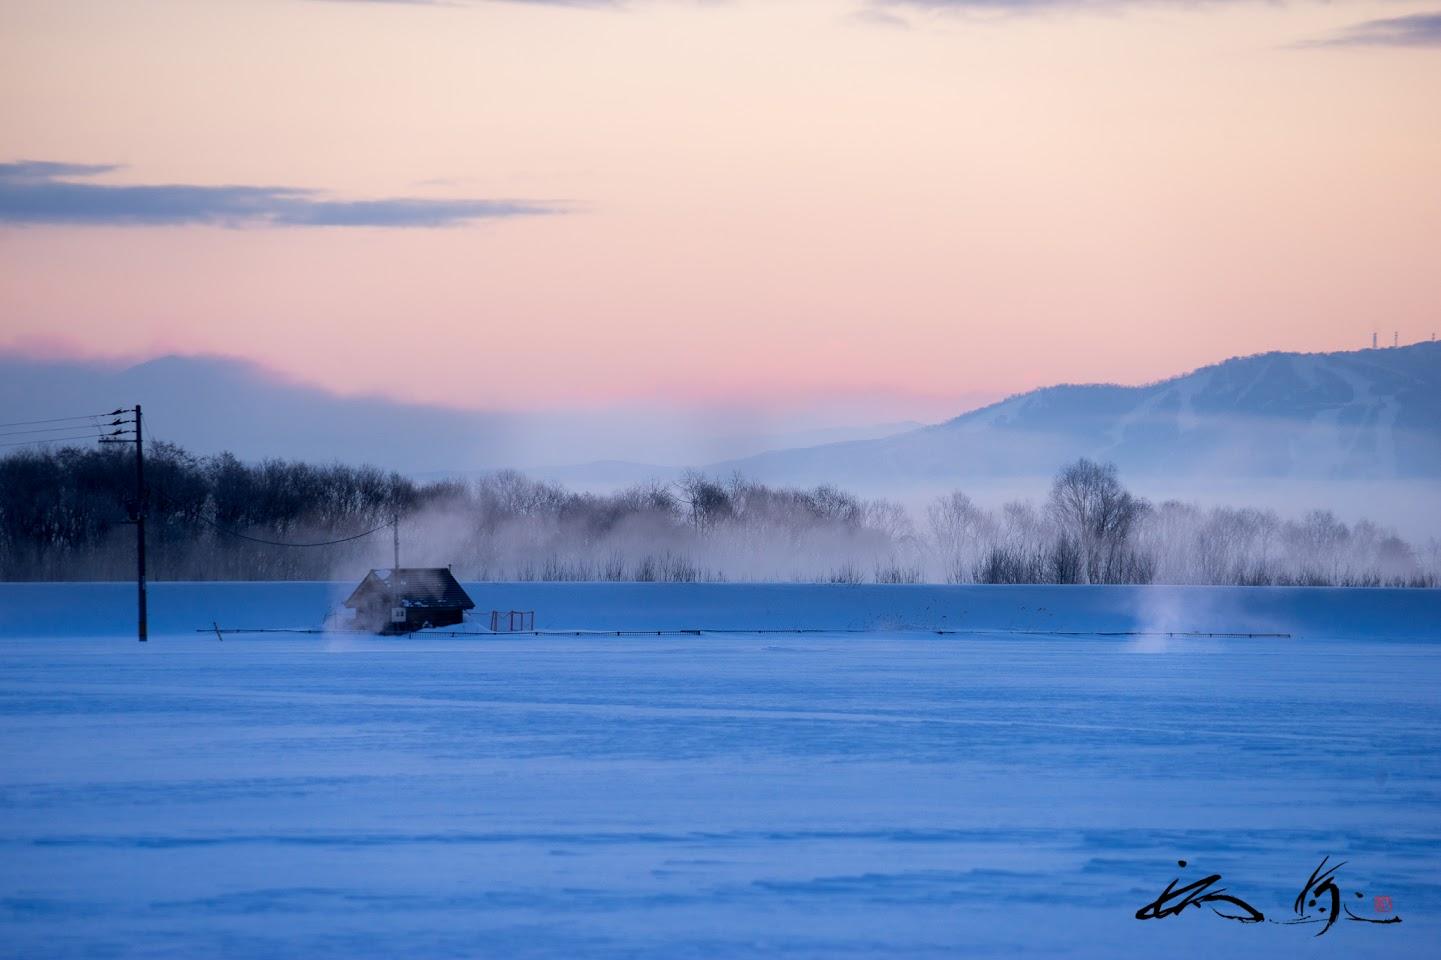 朝霧に包まれながら、ほんのりピンク